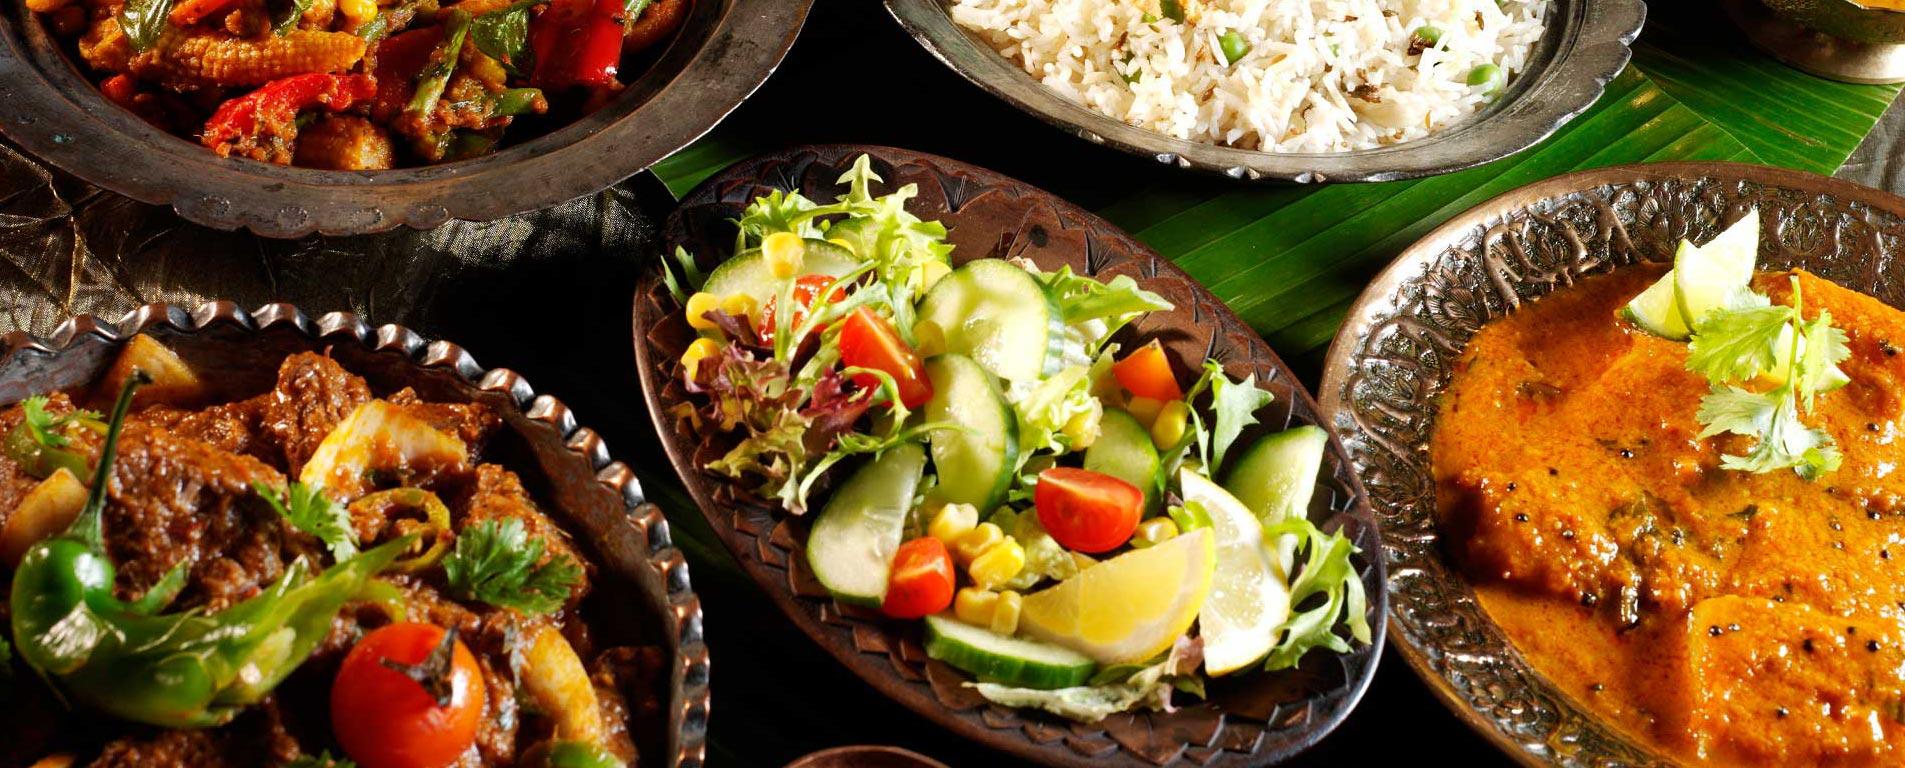 غذاهای محلی مازندران ، ترکیب بینظیر عطر، رنگ و طعم